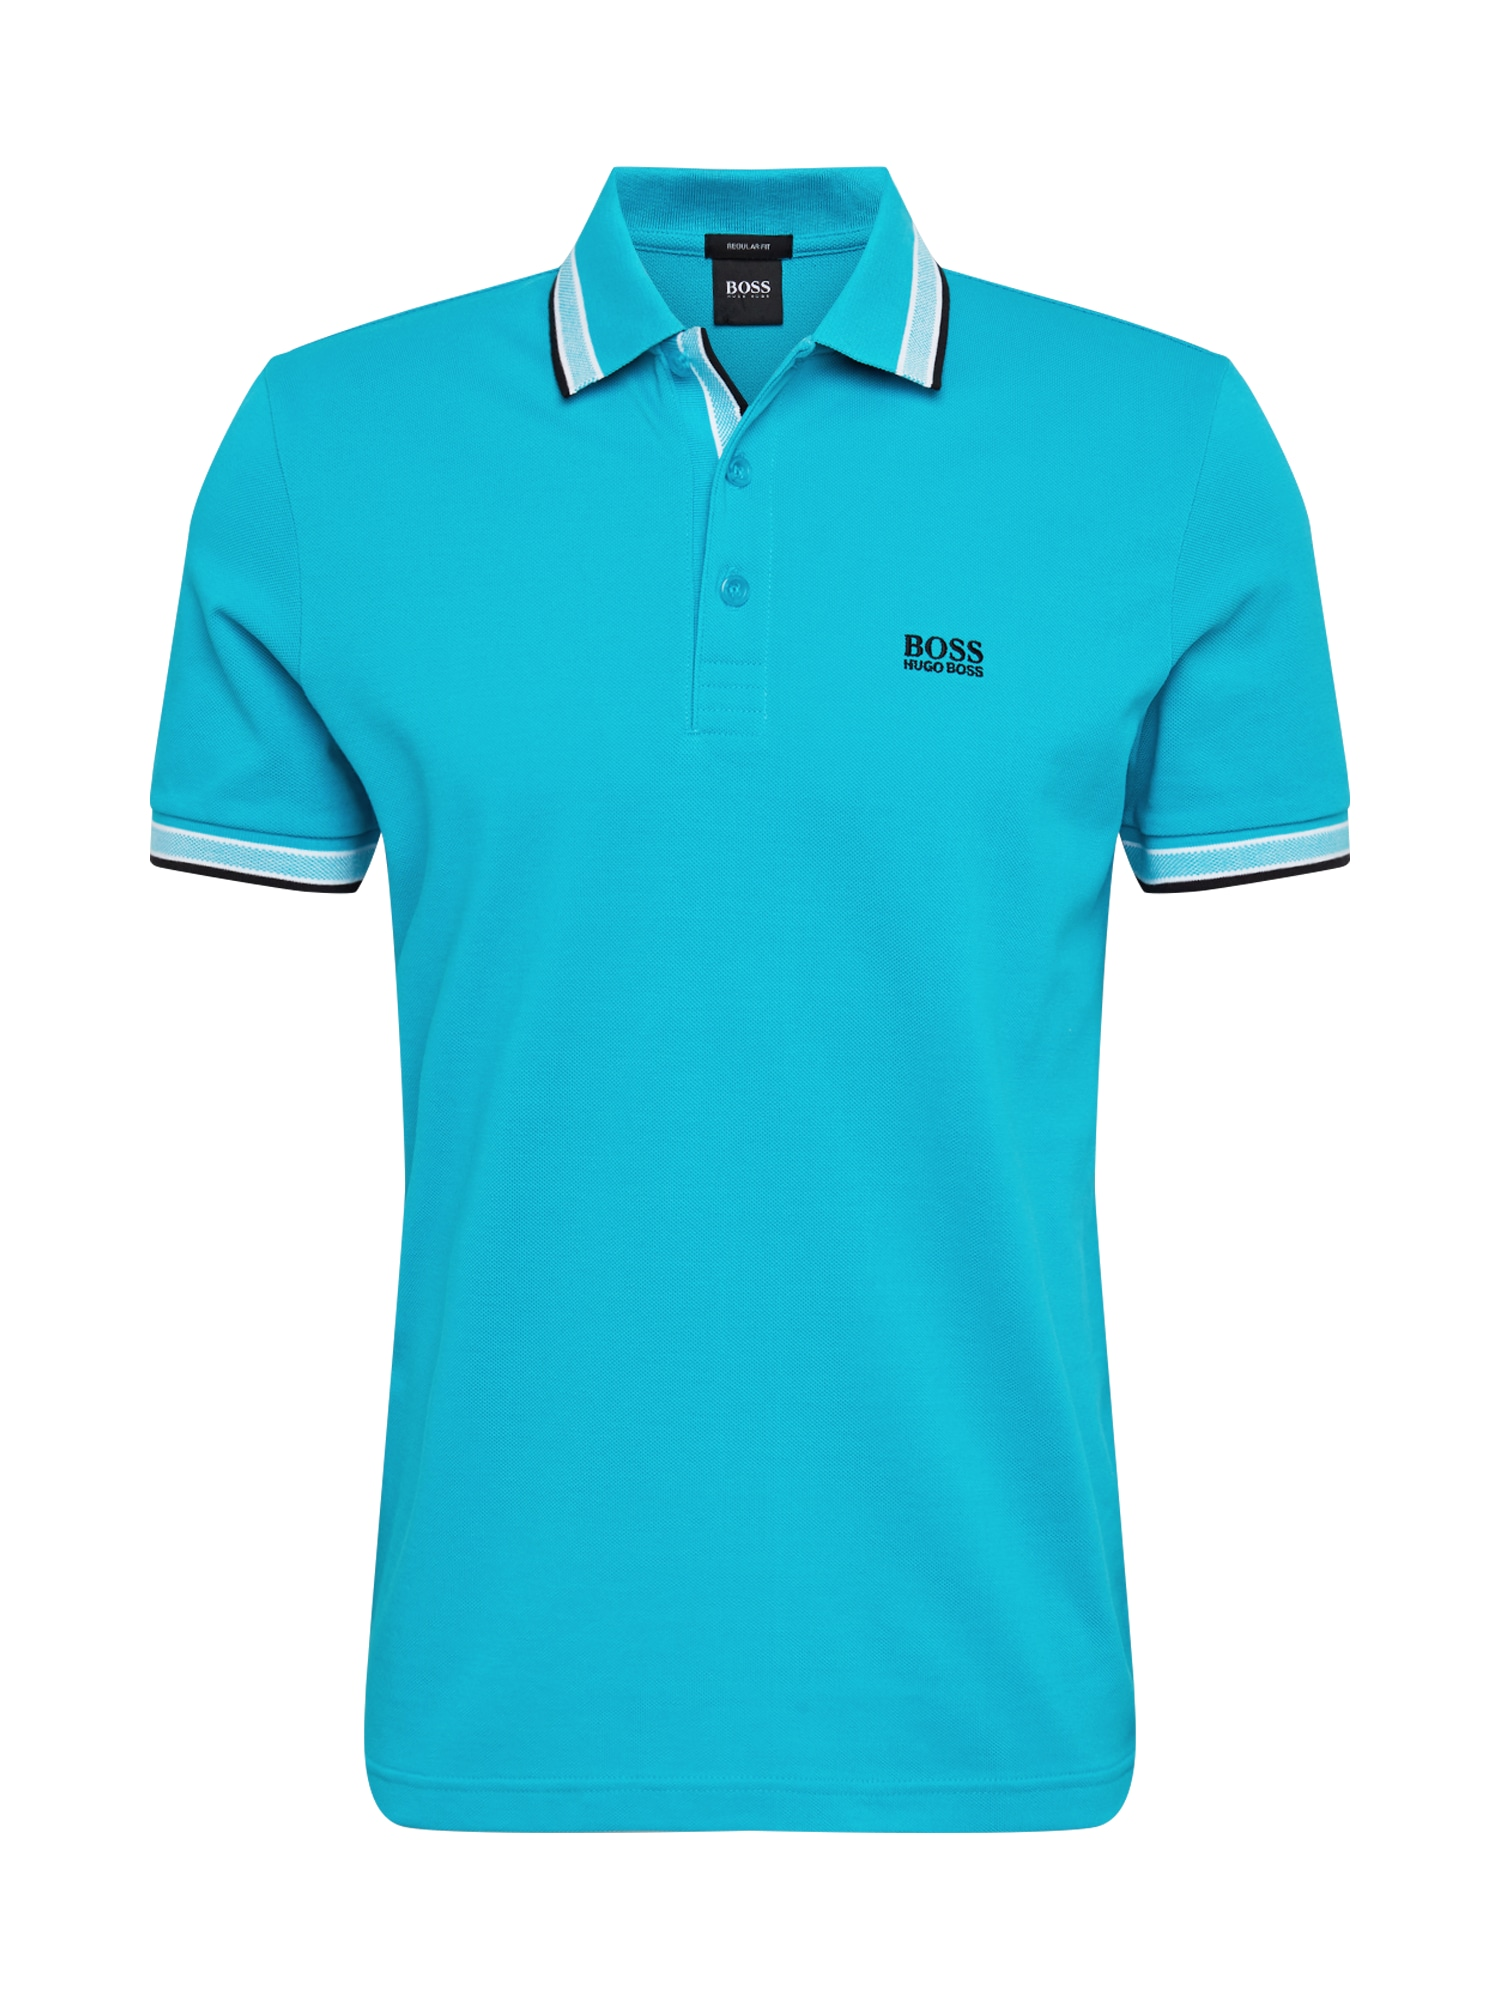 BOSS ATHLEISURE Marškinėliai 'Paddy' mėlyna